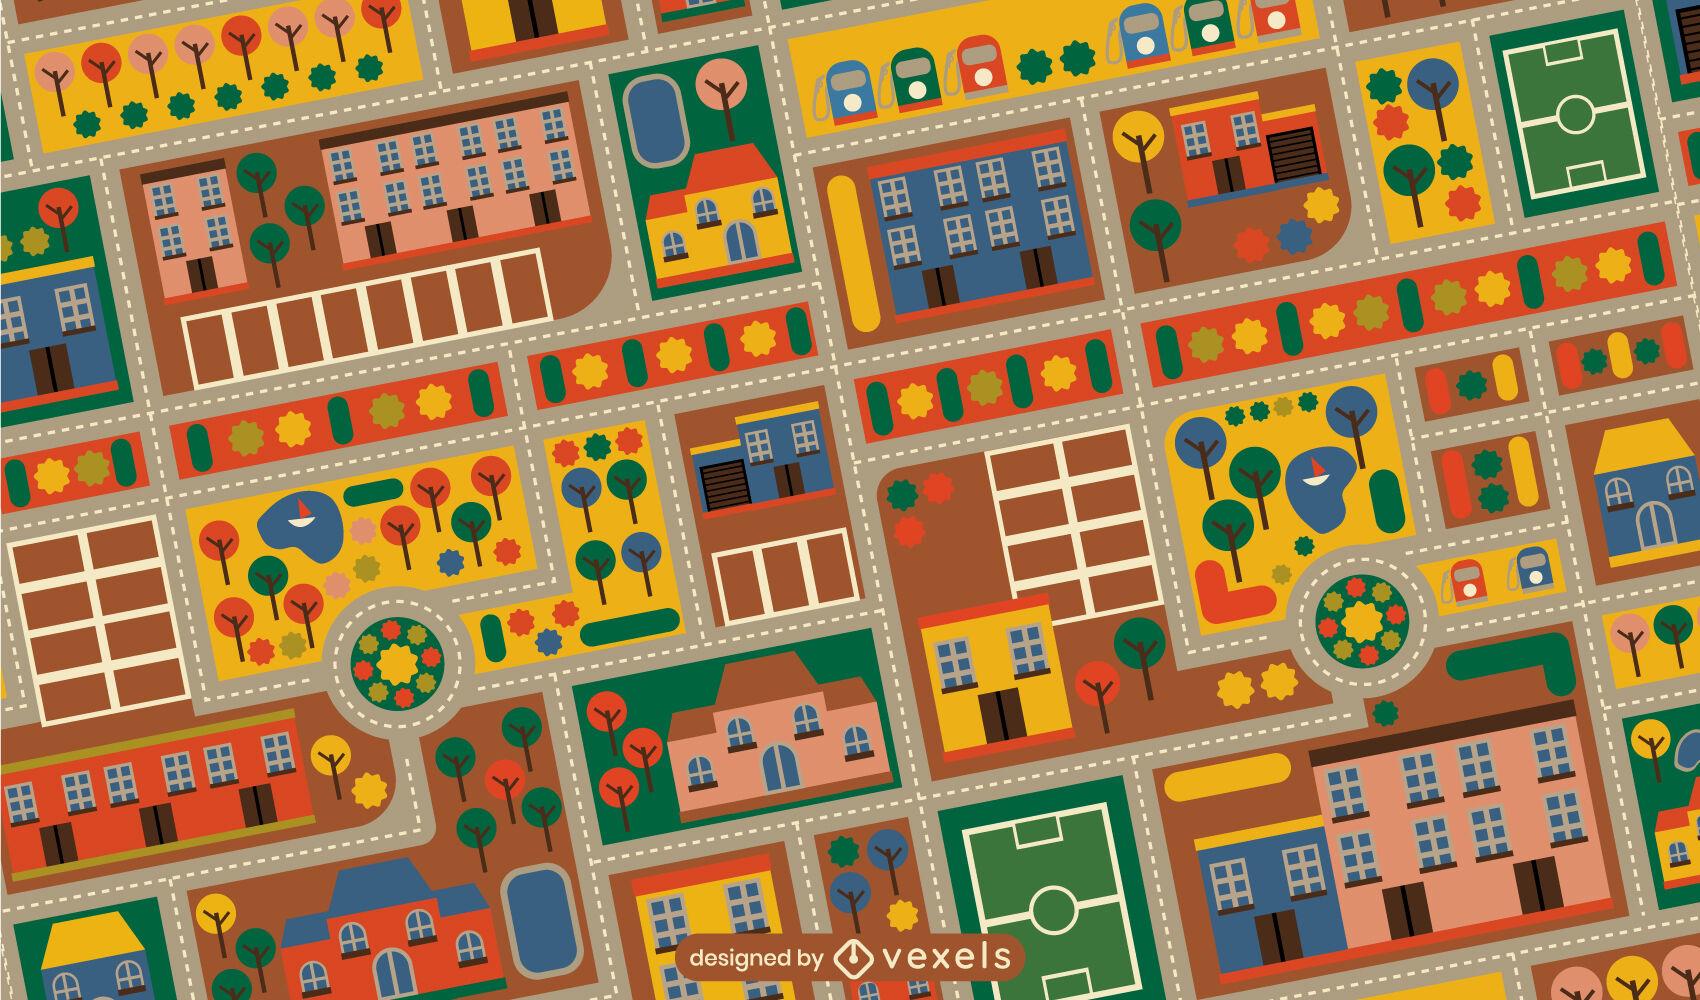 Buntes Design mit Stadtteppich für Kinder